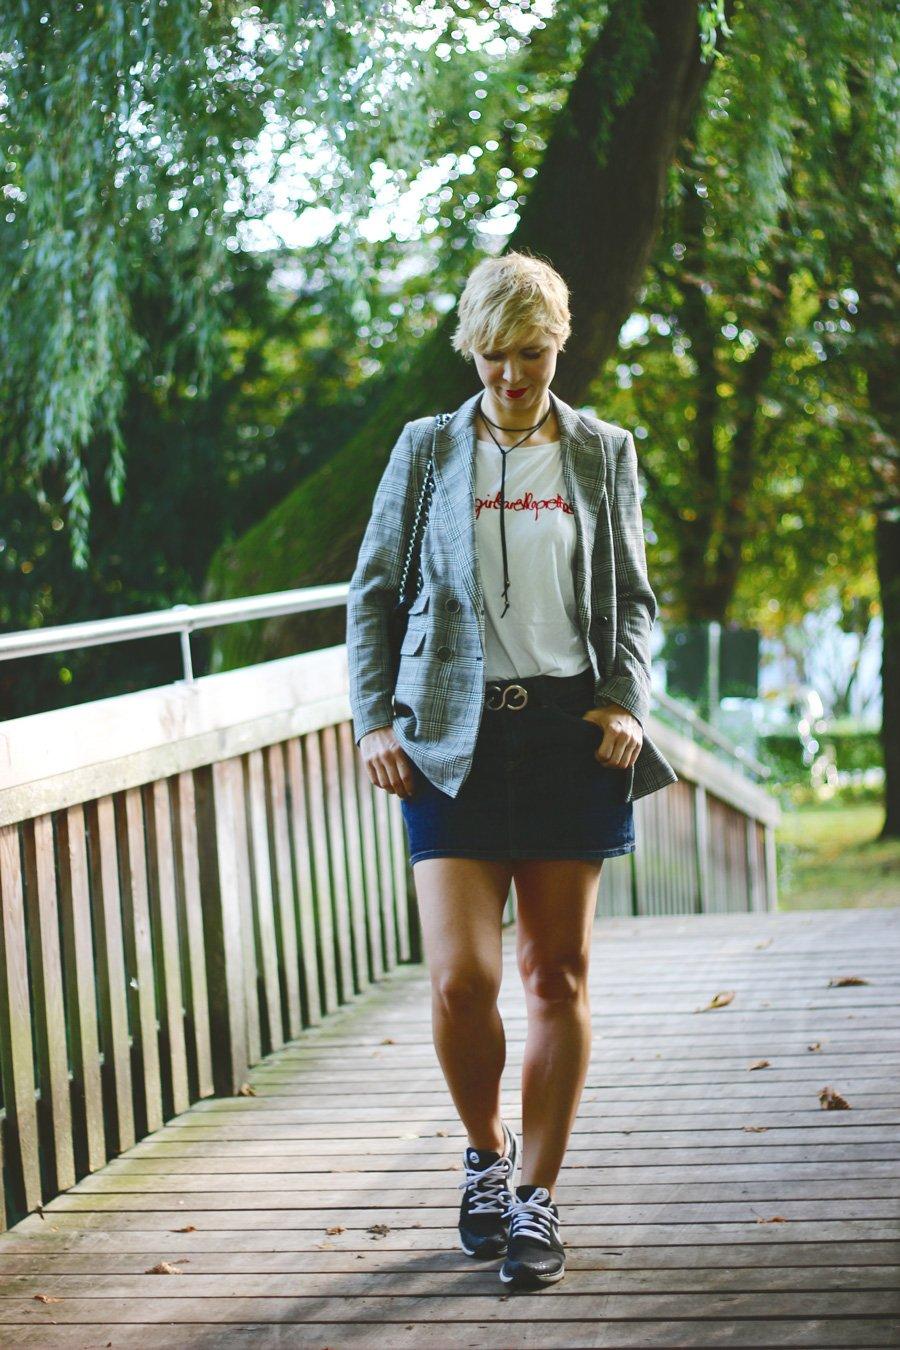 conny-doll-lifestyle: Mode ist altersunabhängig oder nicht - Jeansrock und Blazer - Spätsommerkombi 2018